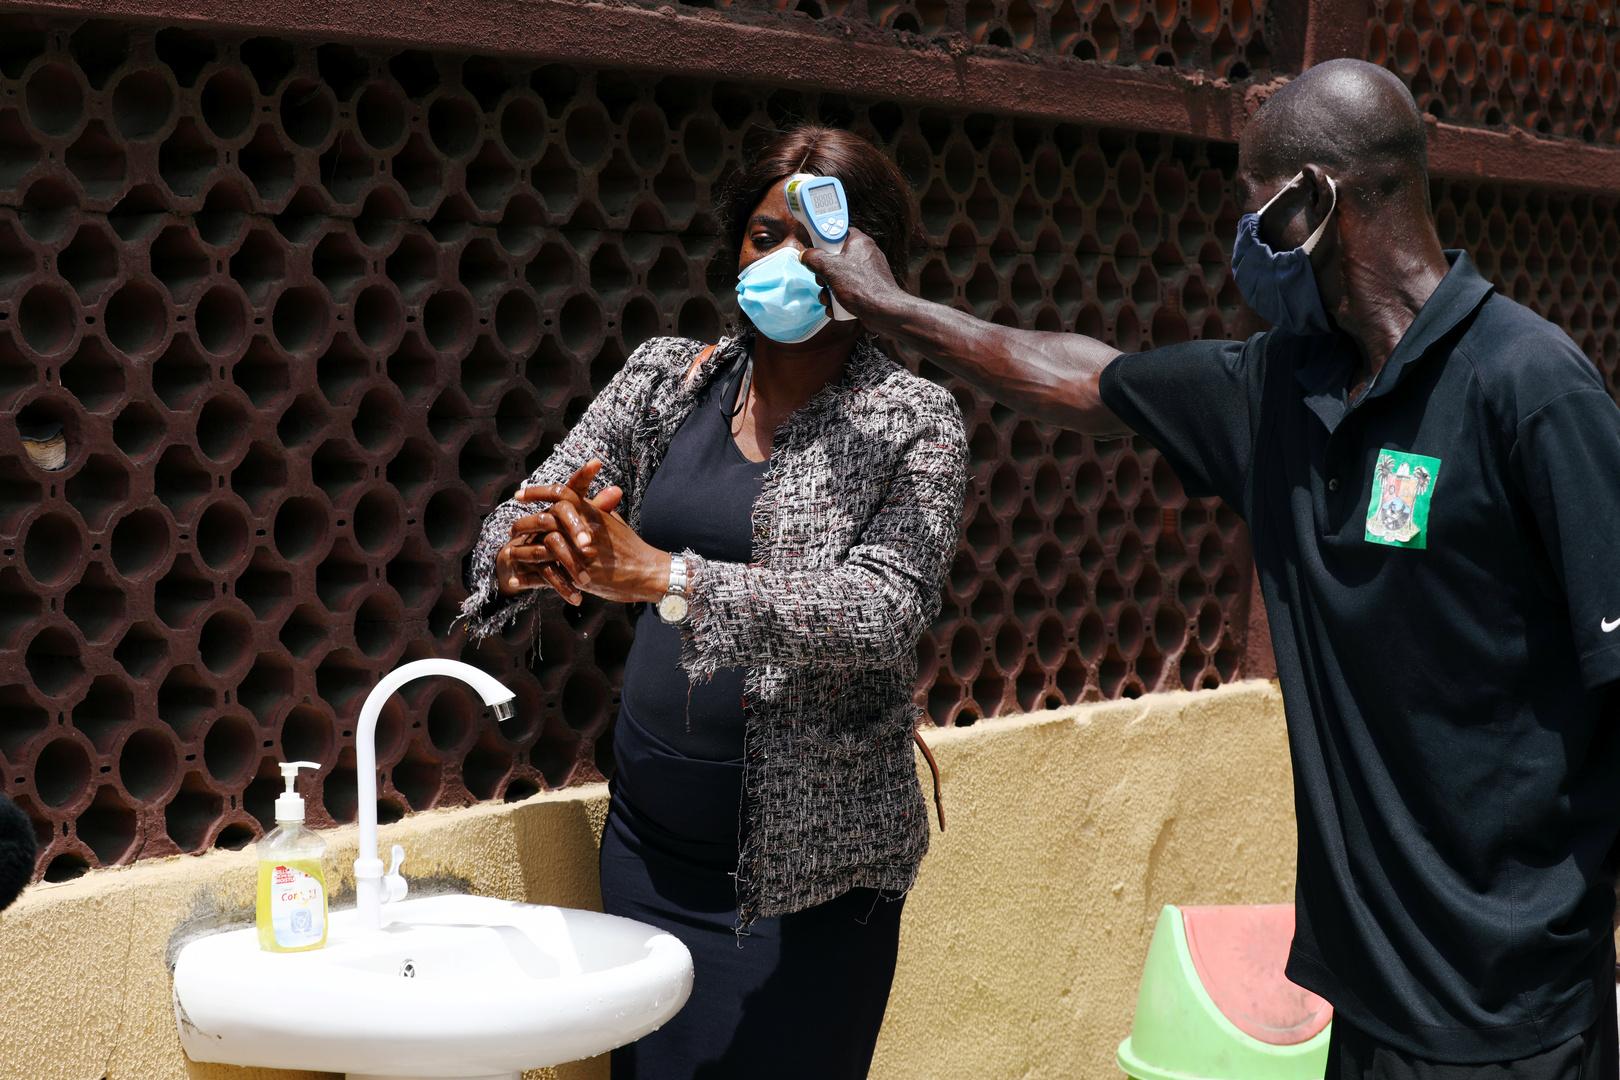 اكتشاف نوع ثالث جديد من فيروس كورونا في نيجيريا